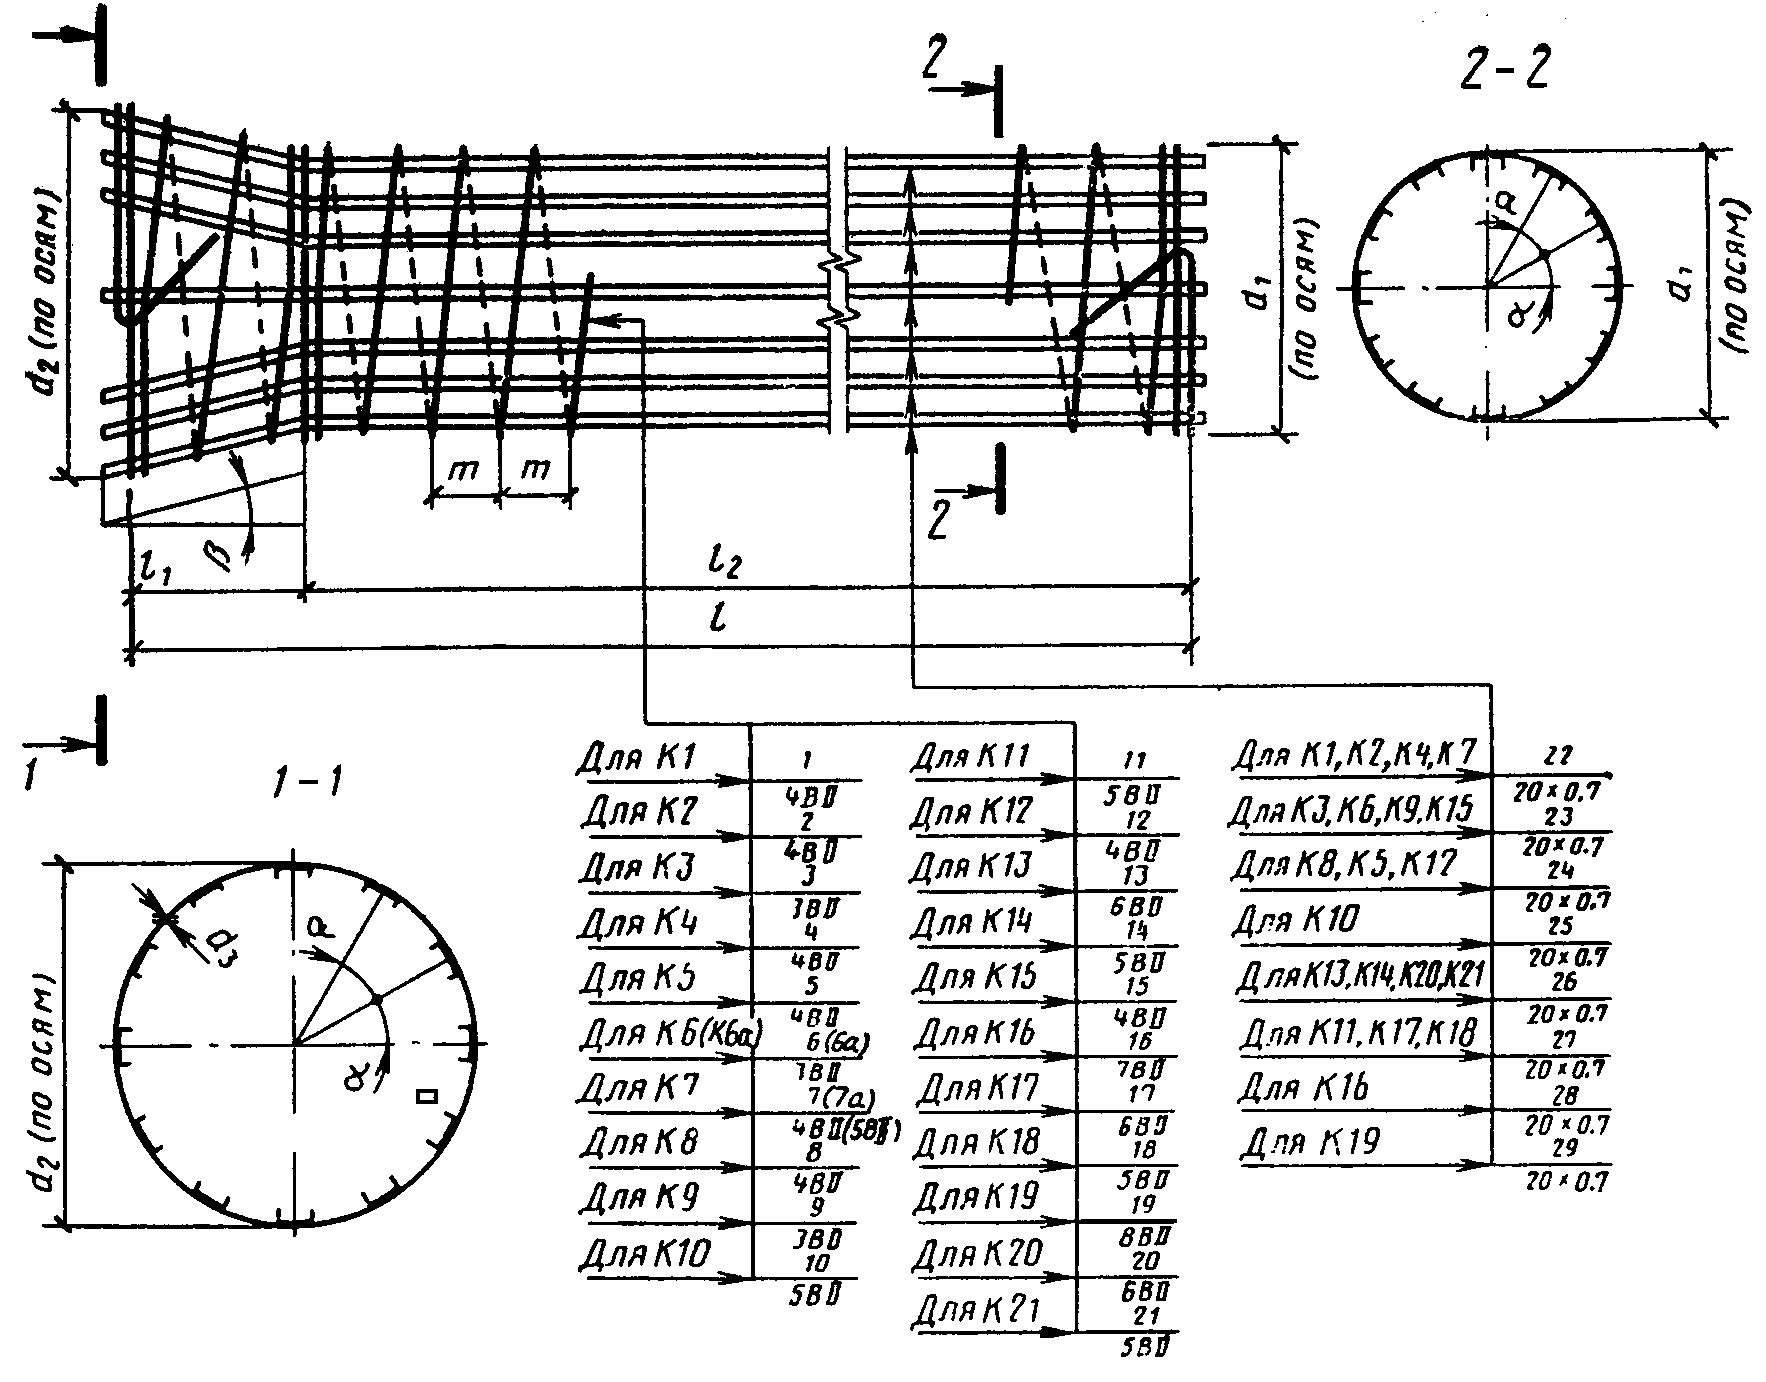 Труба железобетонная объем бетона мжк жби екатеринбург